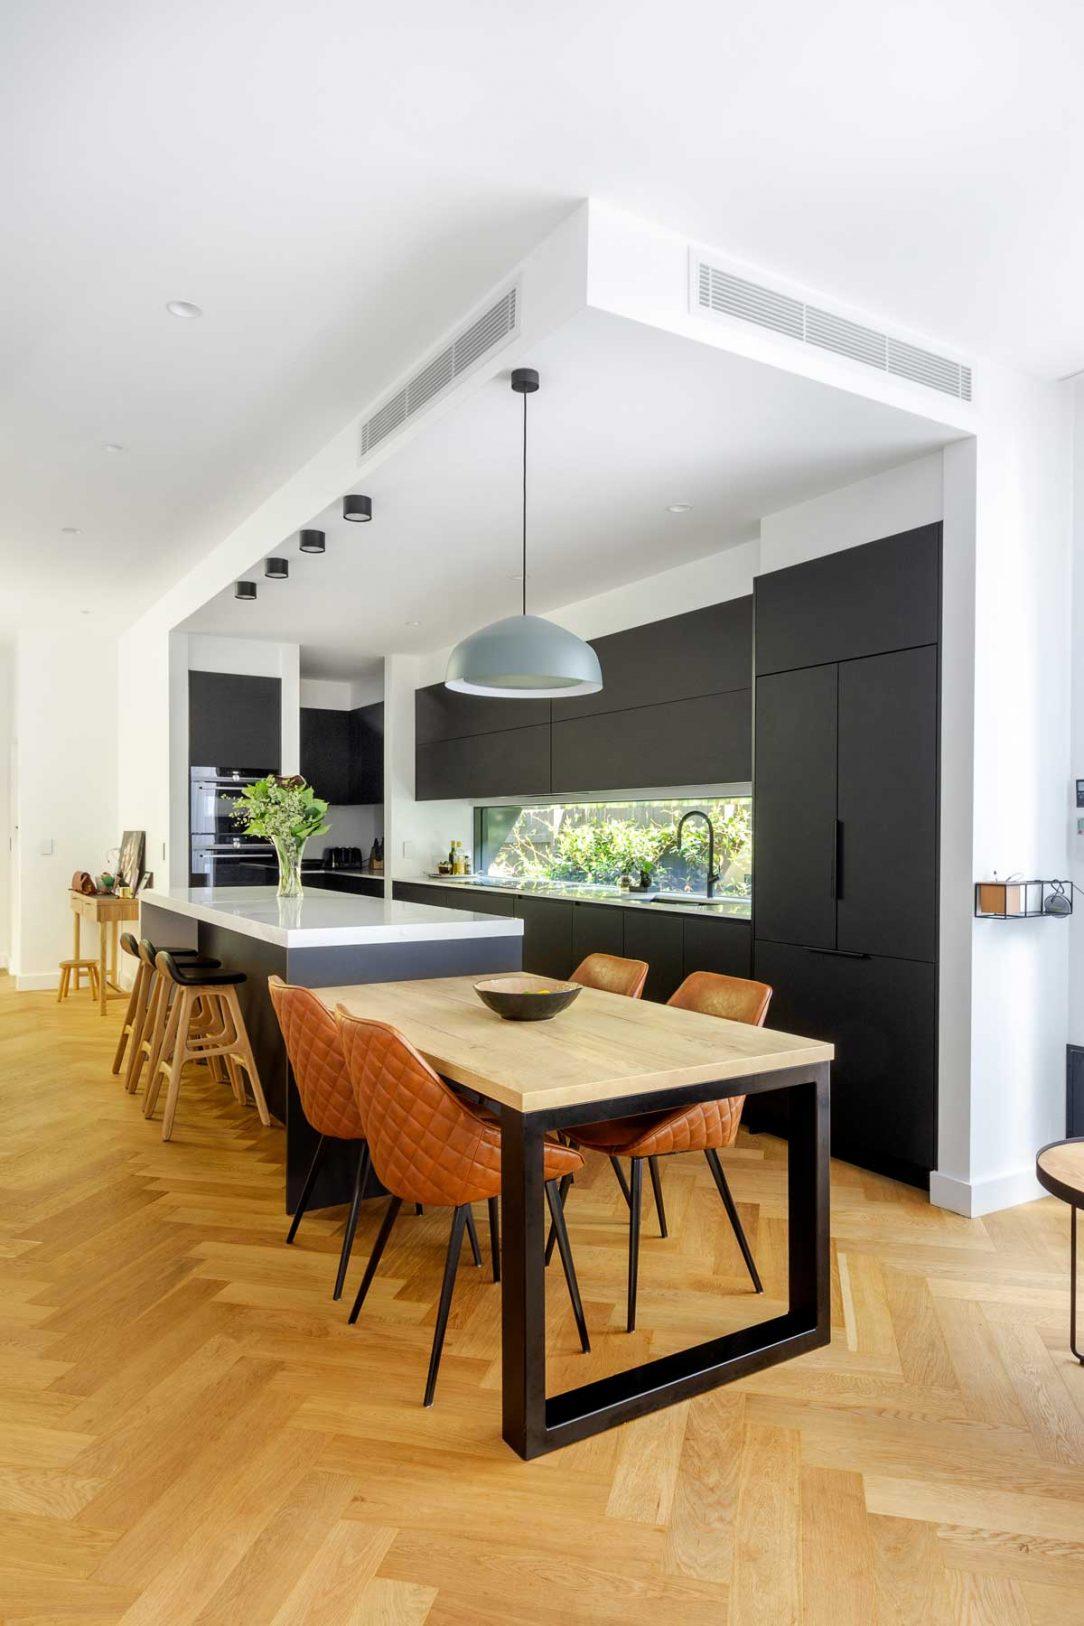 Luxury Caesarstone kitchen design in Mosman Sydney, designed and manufactured by Premier Kitchens Australia